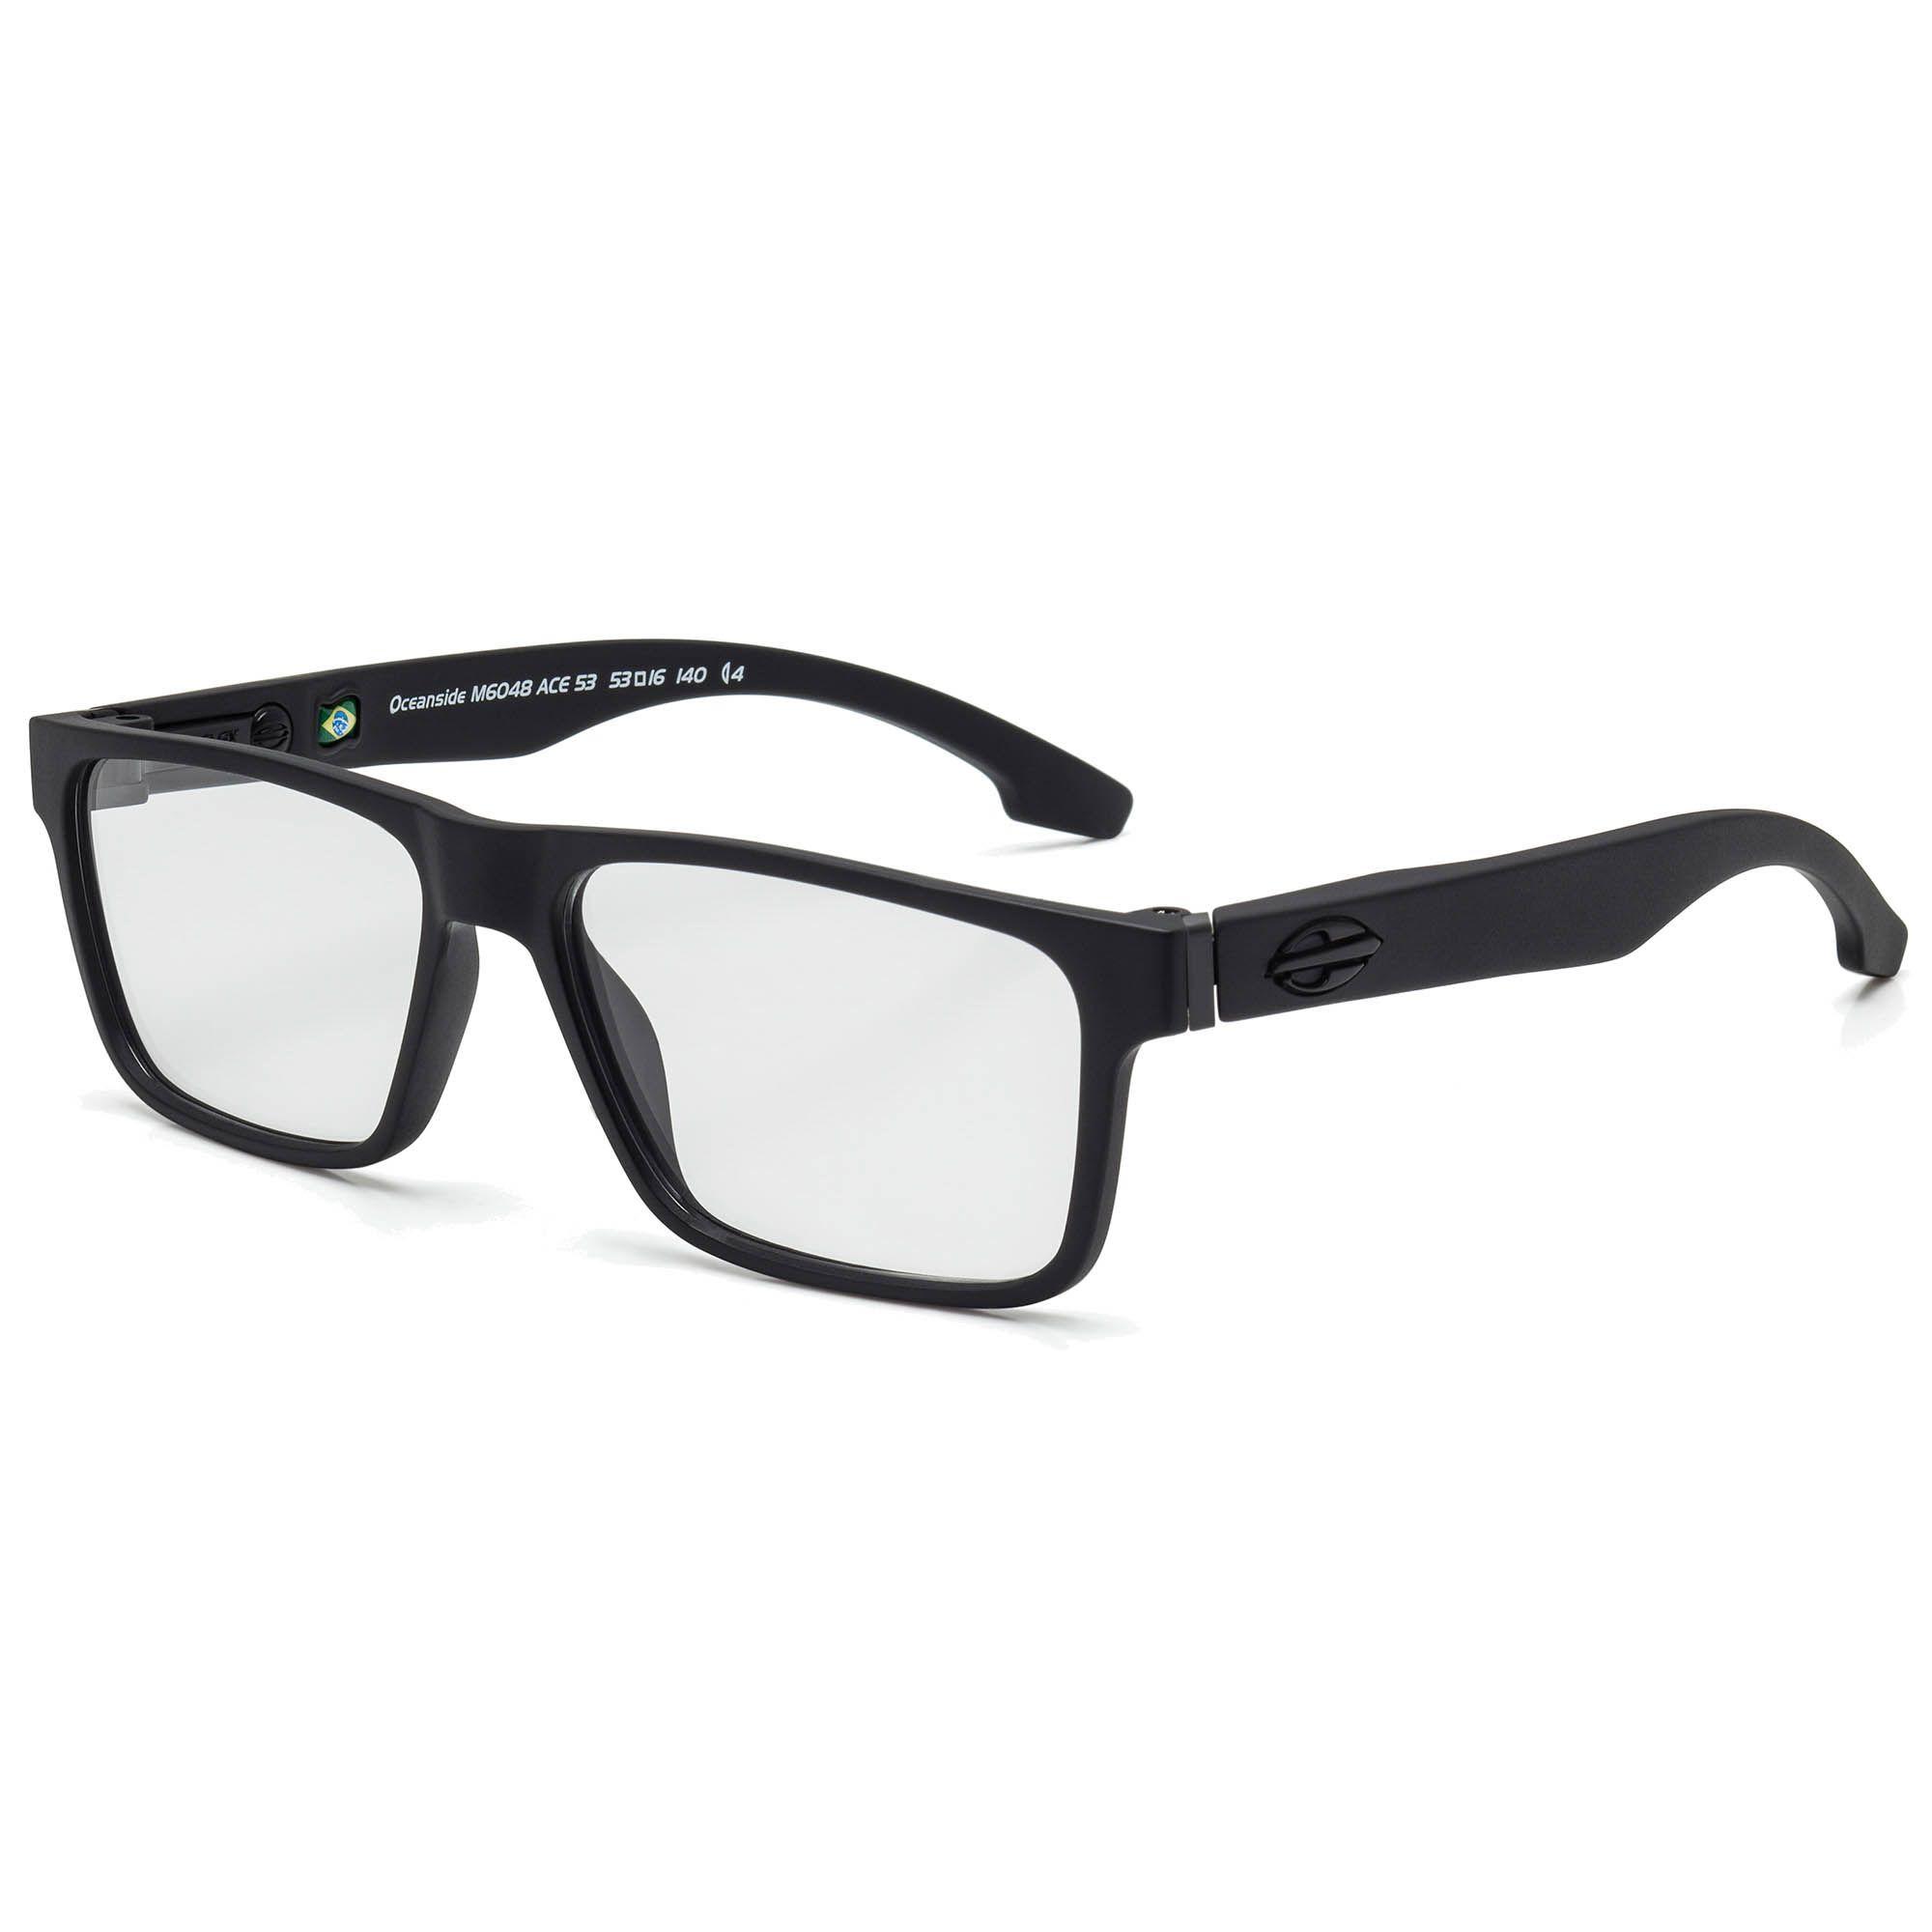 Óculos de Grau Unissex Mormaii Oceanside M6048ACE53